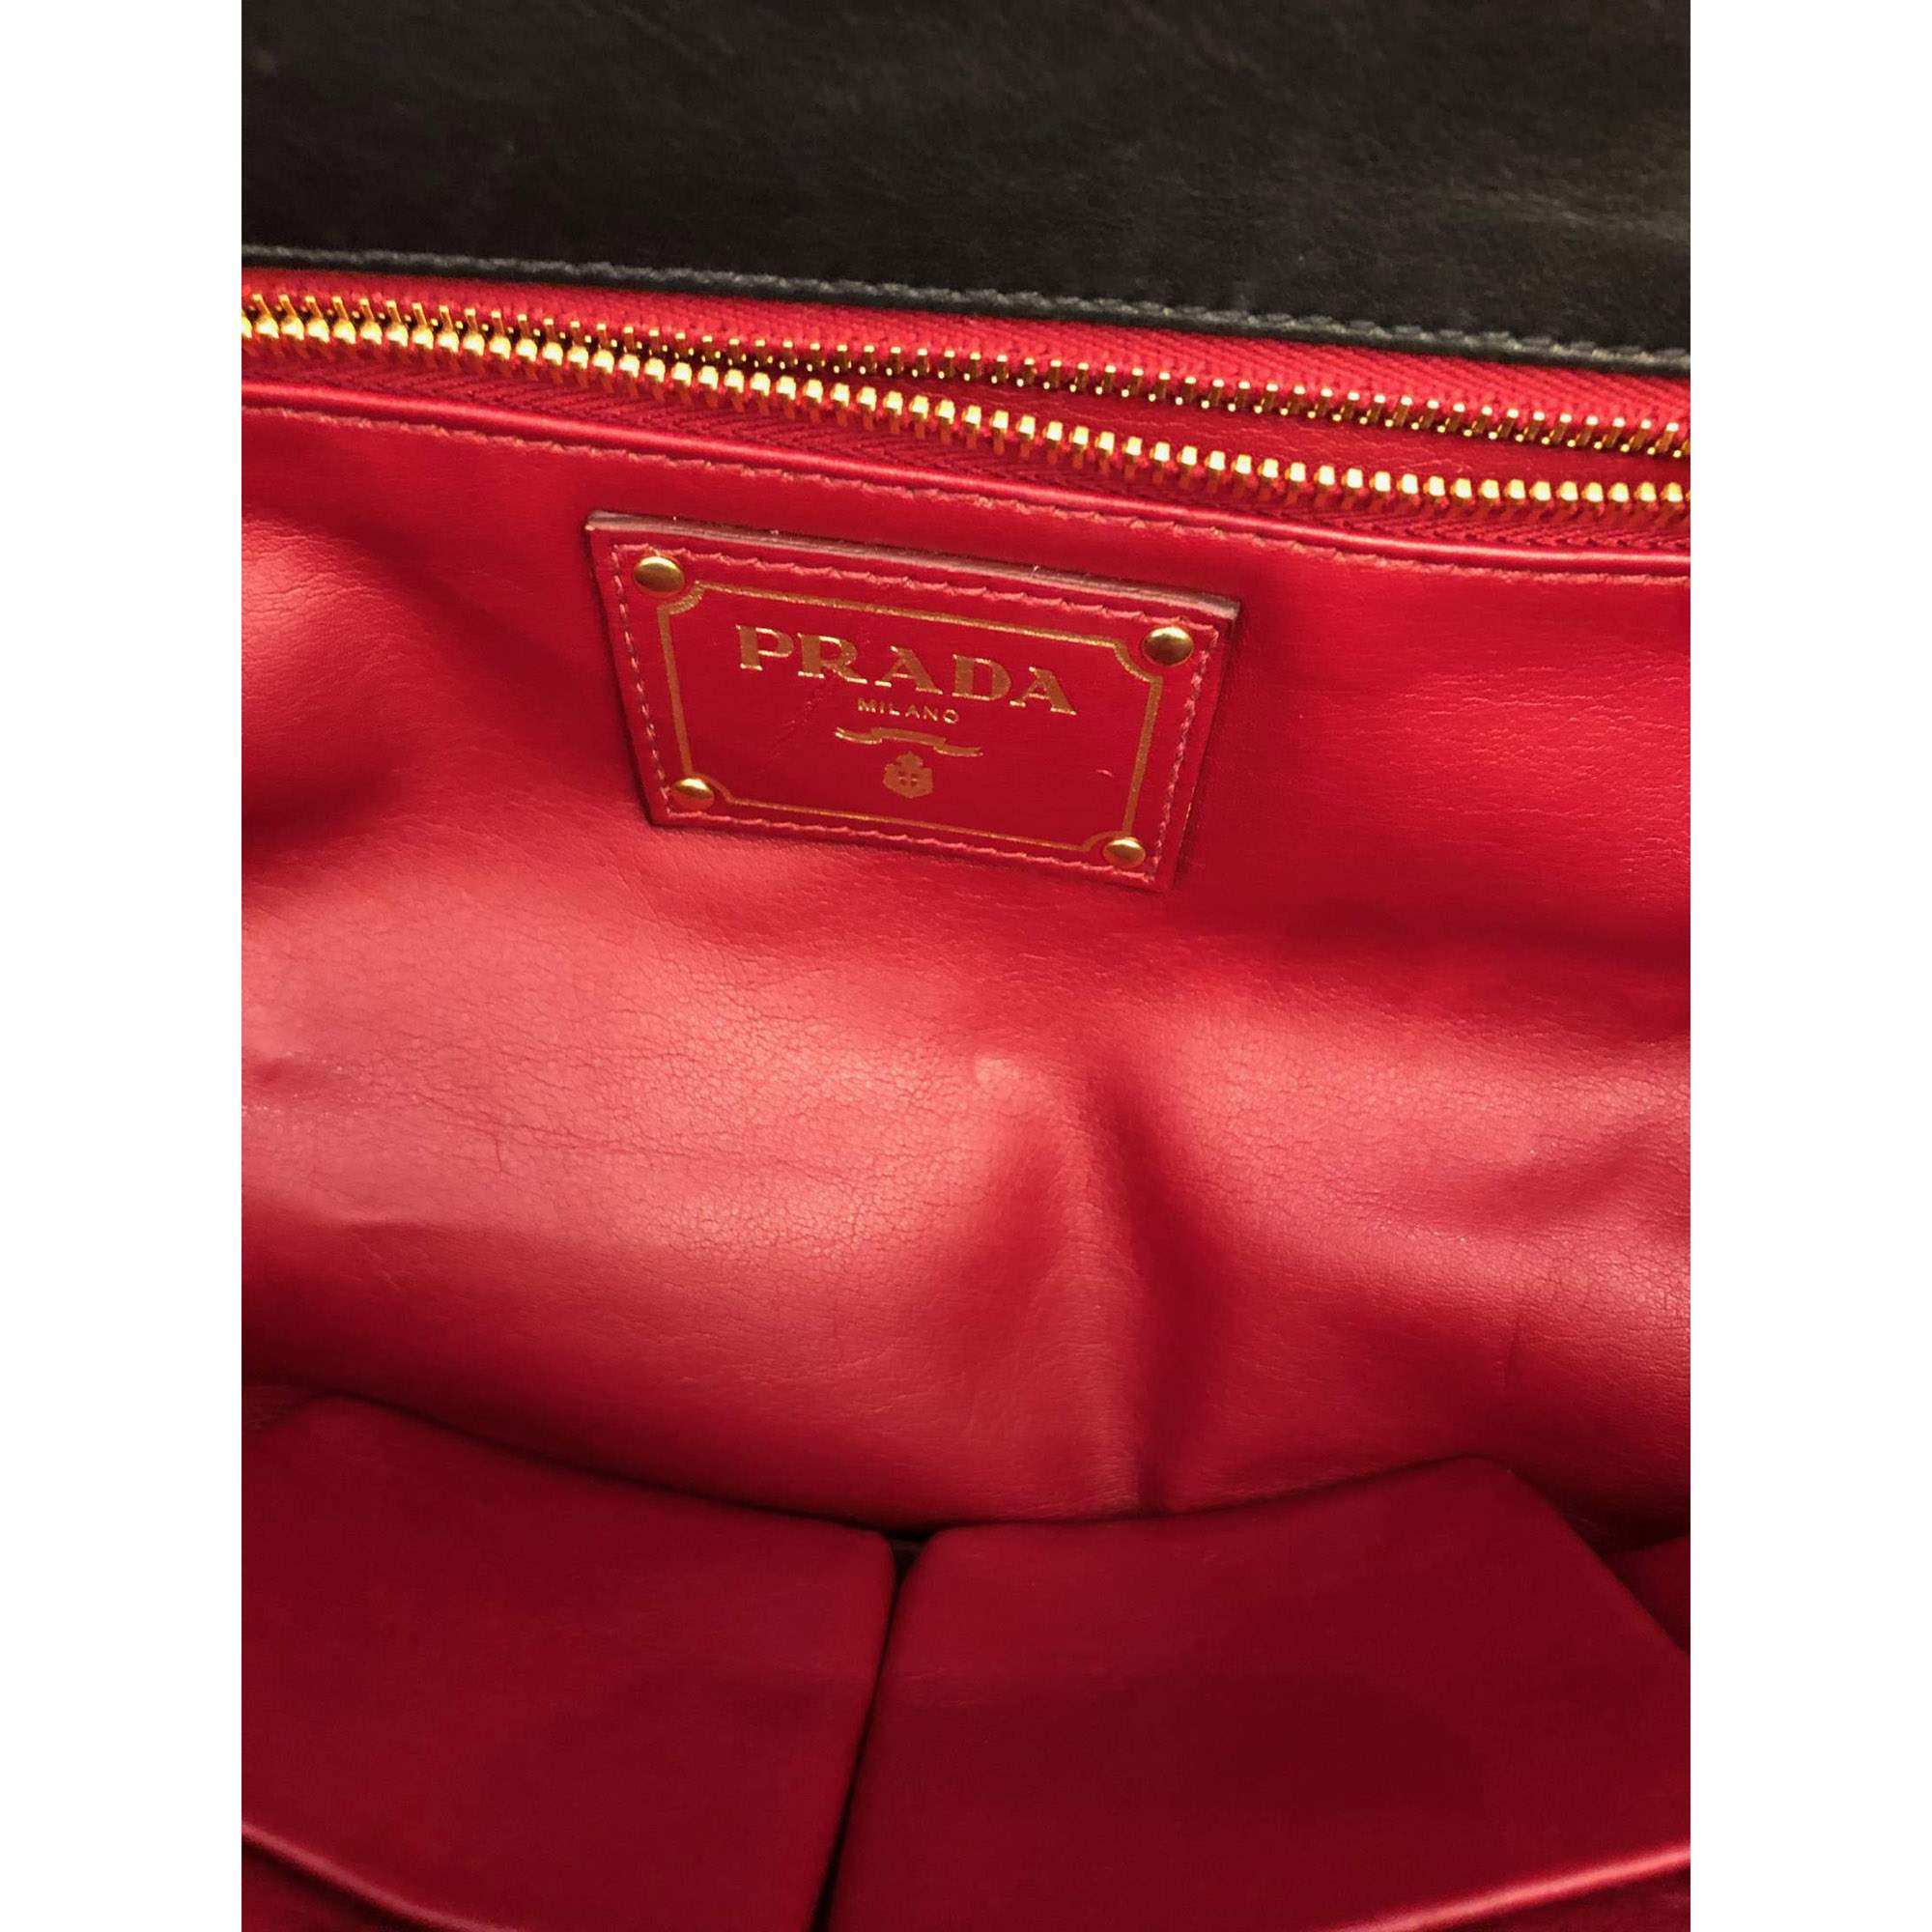 Sav On Bags >> Prada Black Sav Bag The Chic Selection